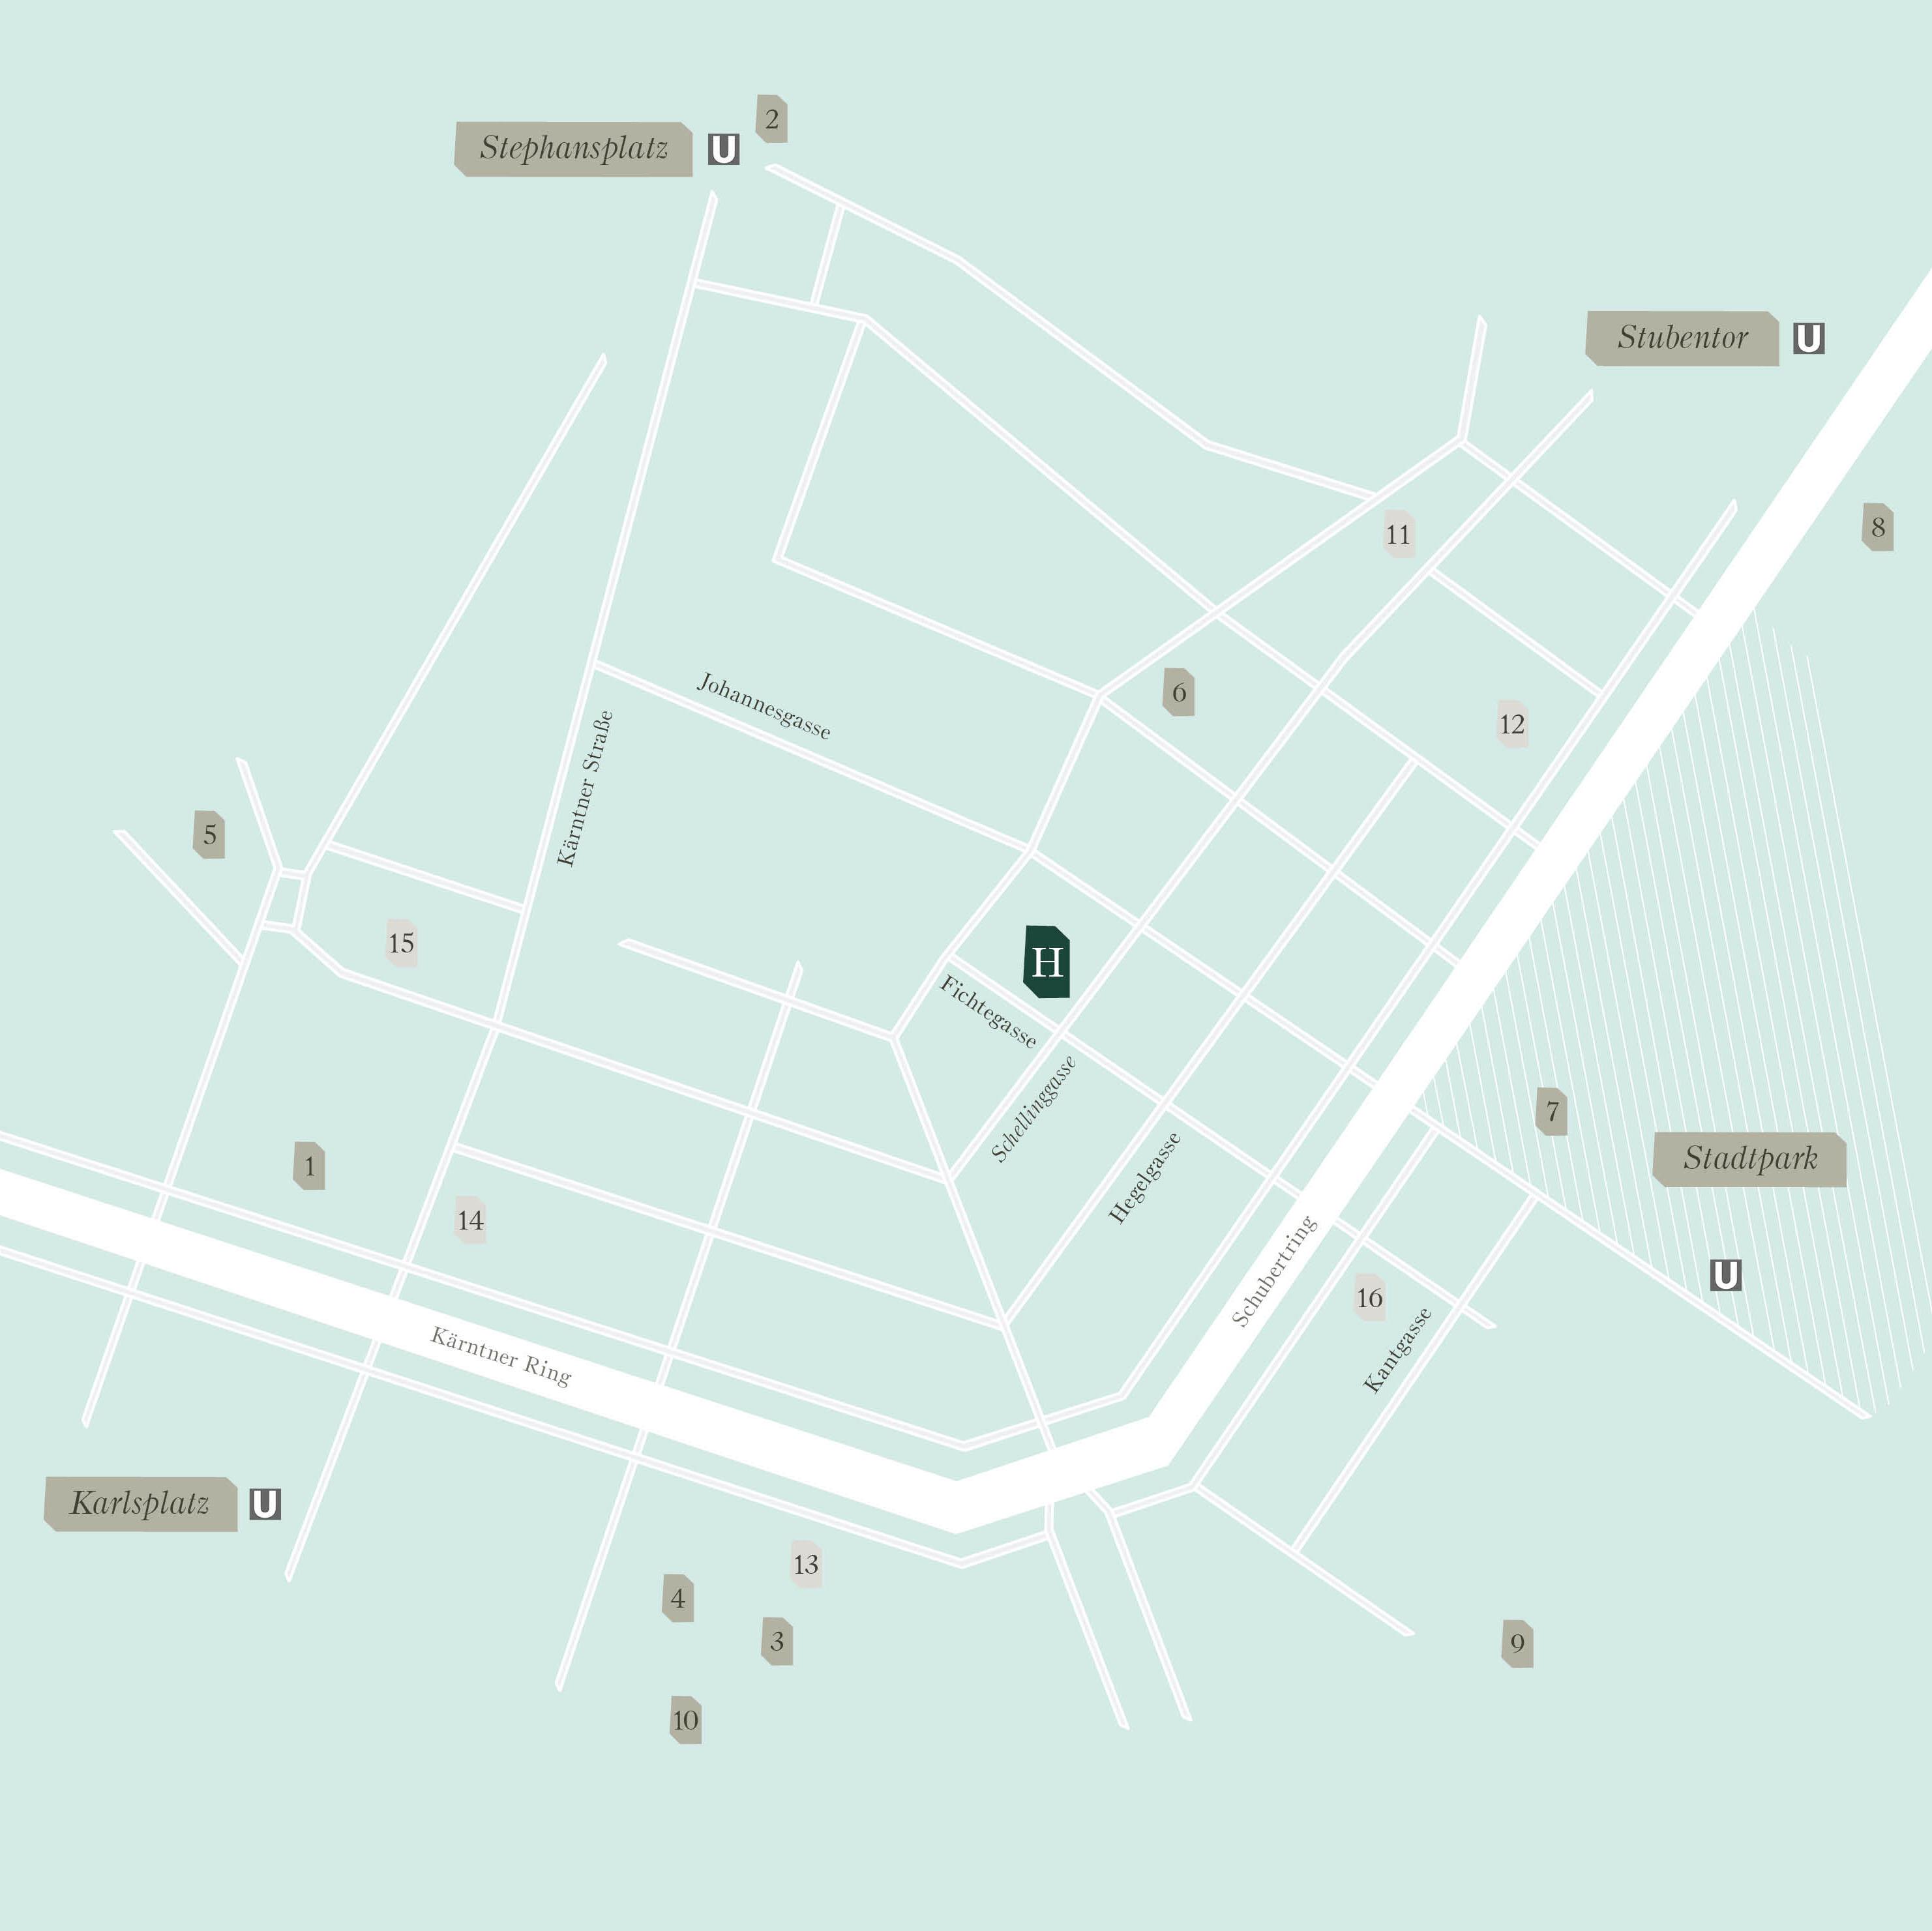 Überzeugender Lässt Sich Die Zentrale Lage Des Herzfeldhauses Nicht  Beschreiben. Wiens Erste Einkaufsstraße Ist Die Namenspatronin Des Kärntner  Viertels Und ...